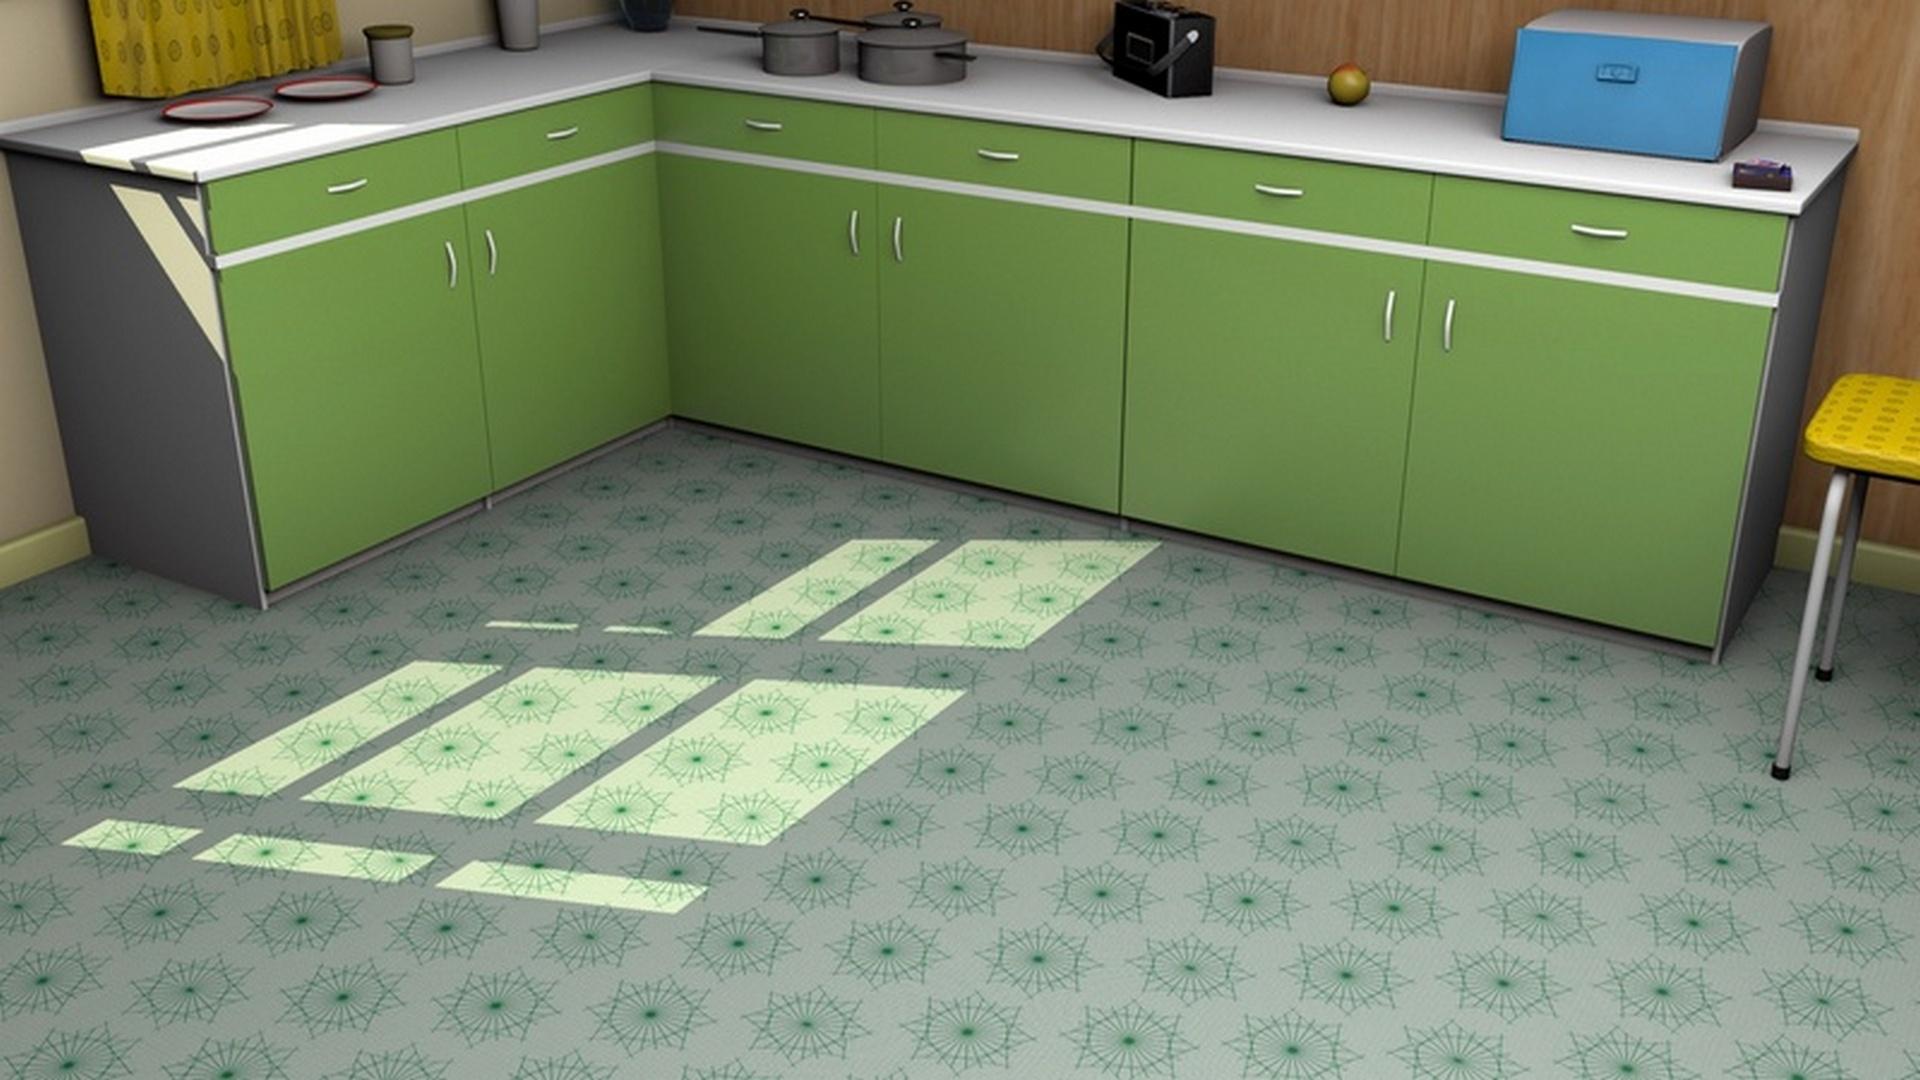 Mid-Century Inspired Kitchen Floor-Covering | Mid Century Styles